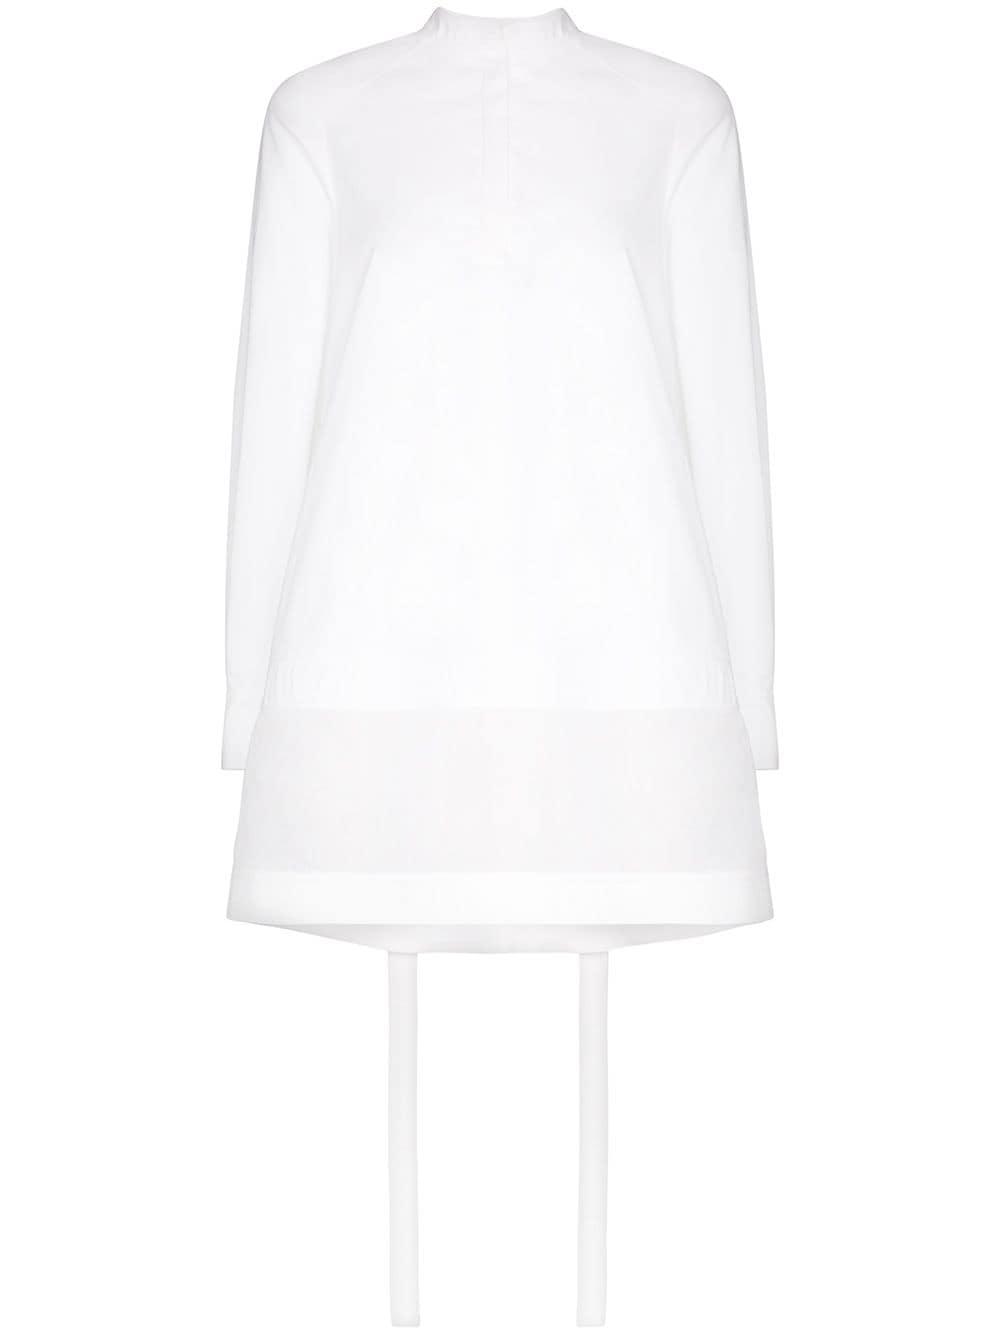 Bílé trapézové šaty, VALENTINO